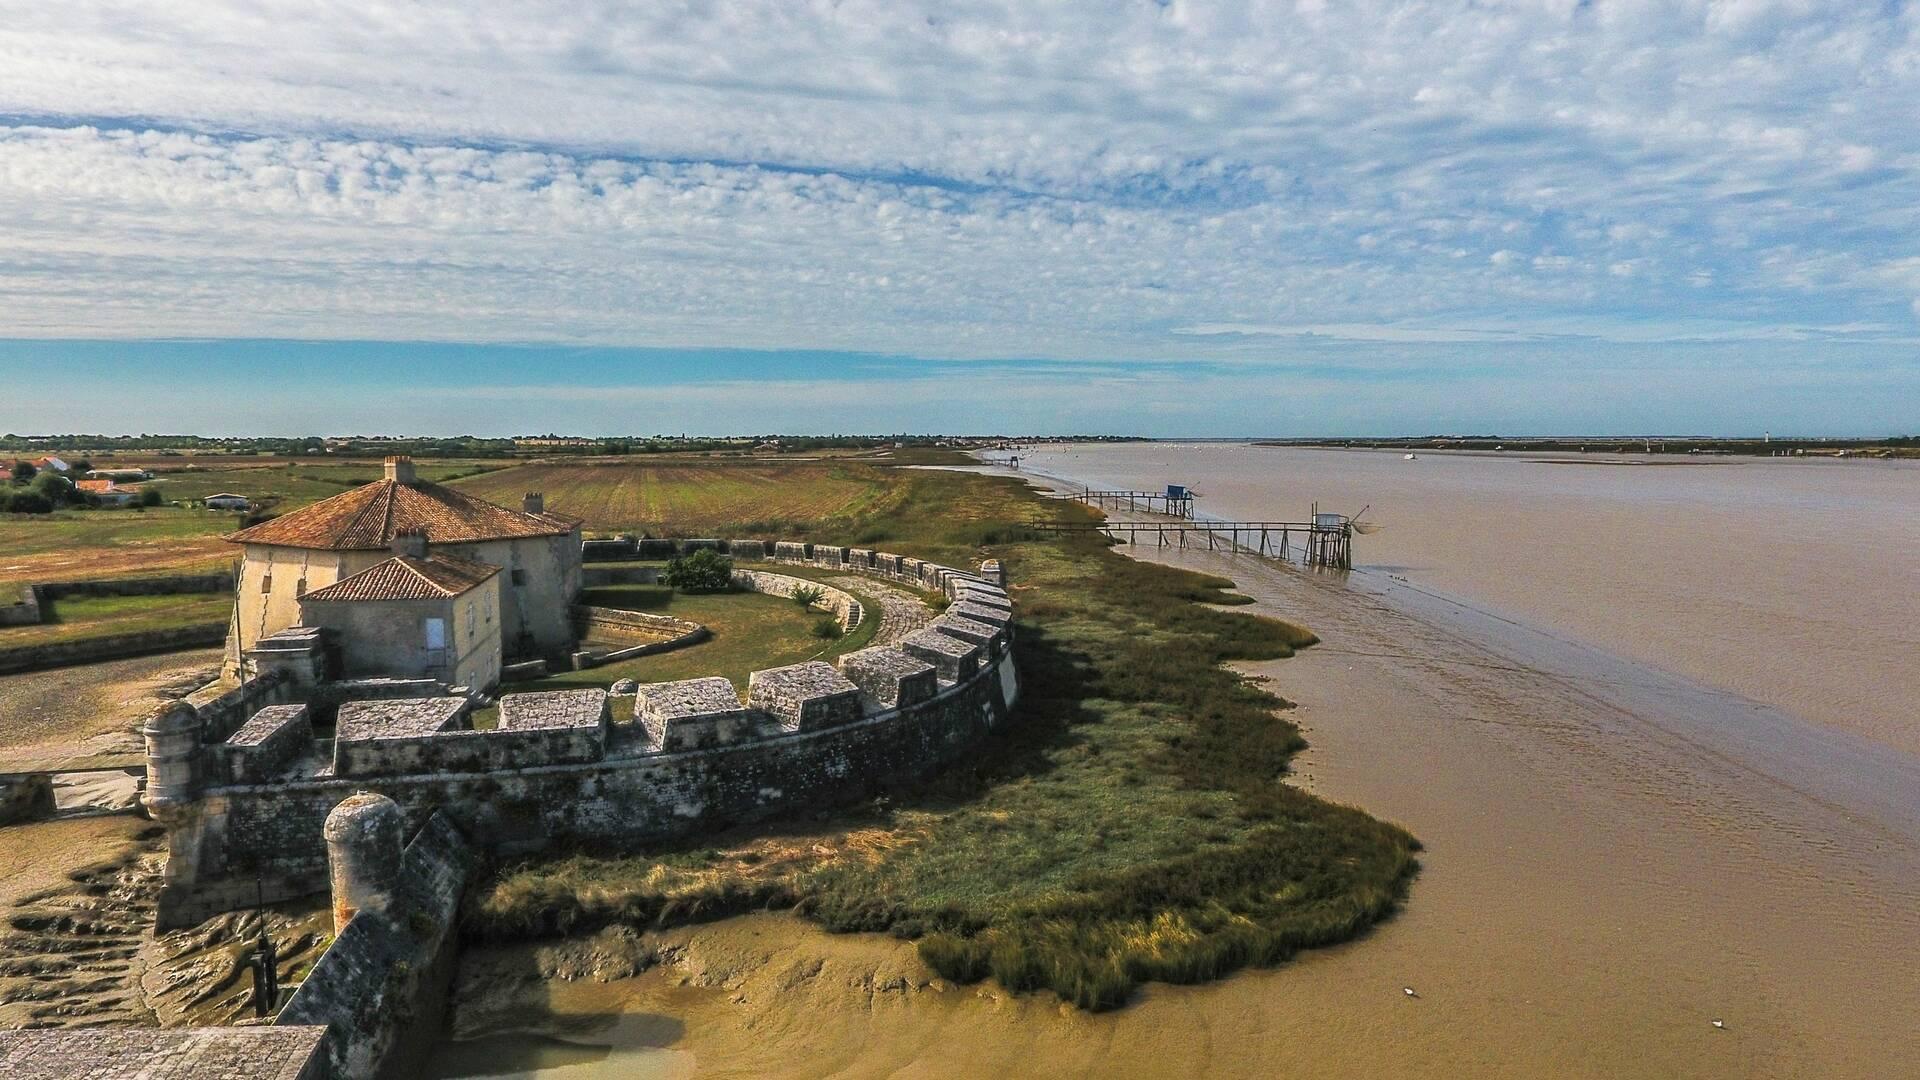 Fort Lupin à Saint Nazaire sur Charente © Laurent Petillon